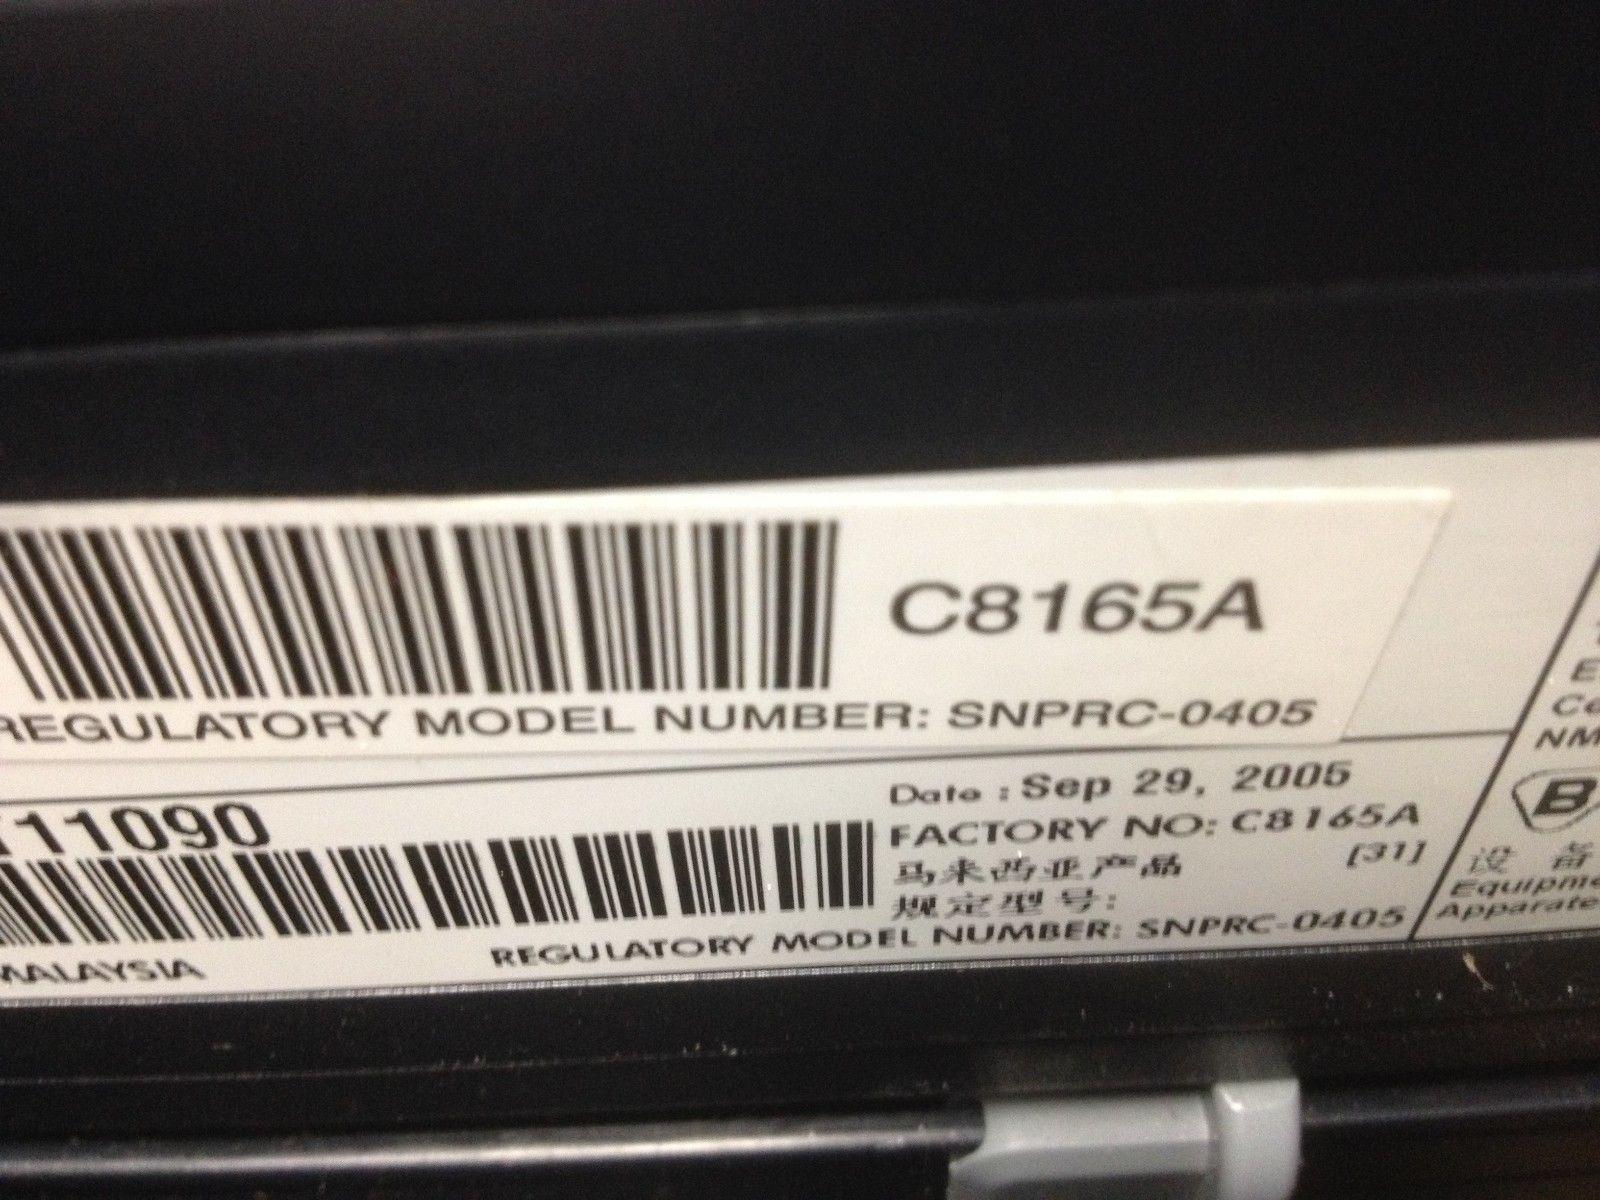 Hp Deskjet 9800 Printer Large Format Wide 13 215 19 11 215 17